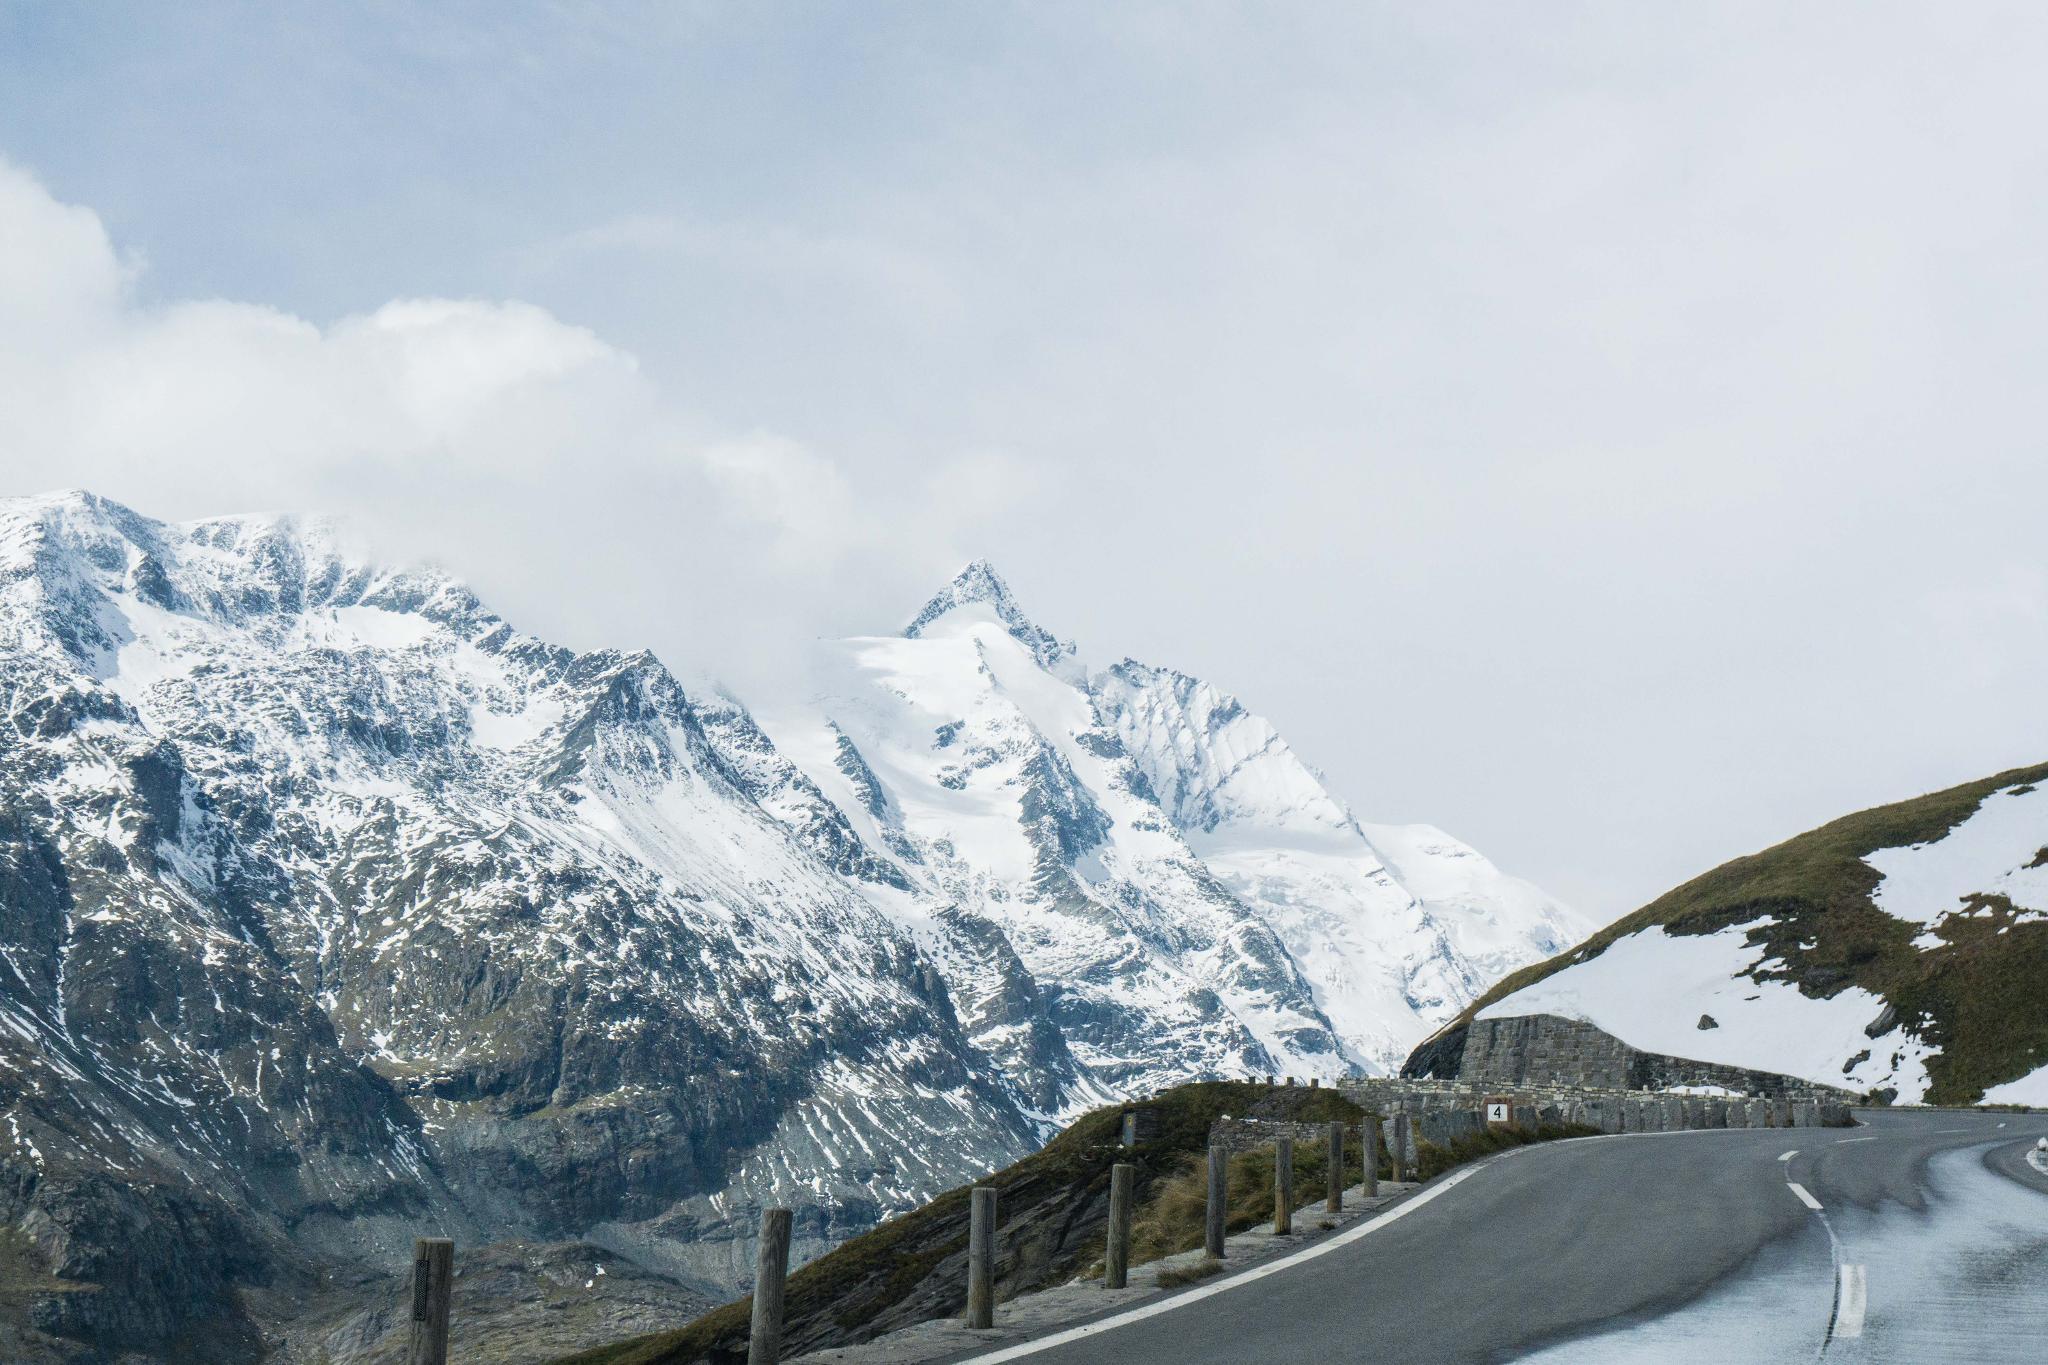 【奧地利】穿越阿爾卑斯之巔 — 奧地利大鐘山冰河公路 (Grossglockner High Alpine Road) 19